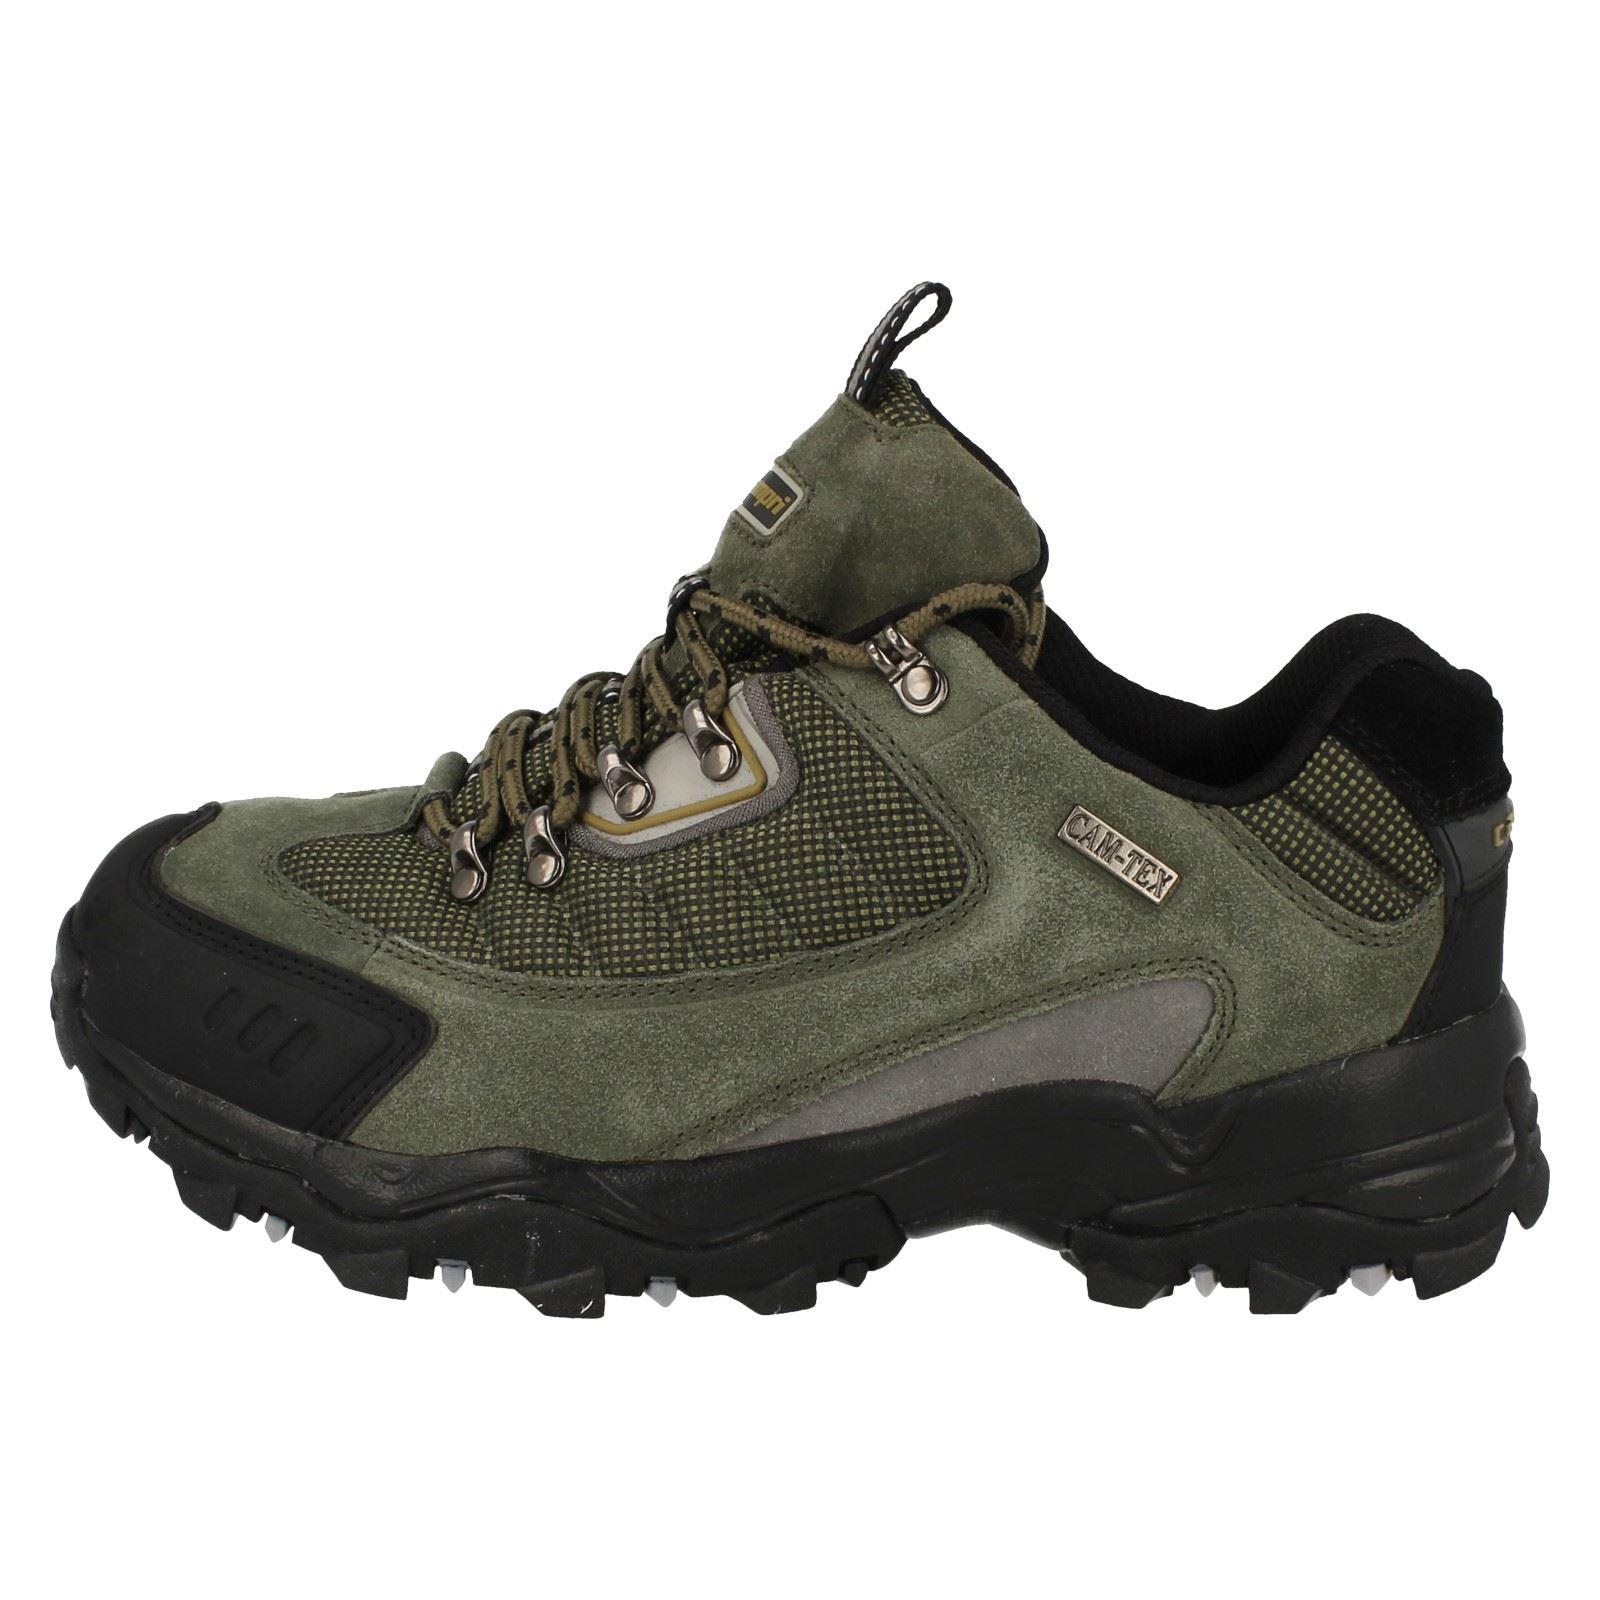 Para Hombre Campri Informal Zapatos Tierra